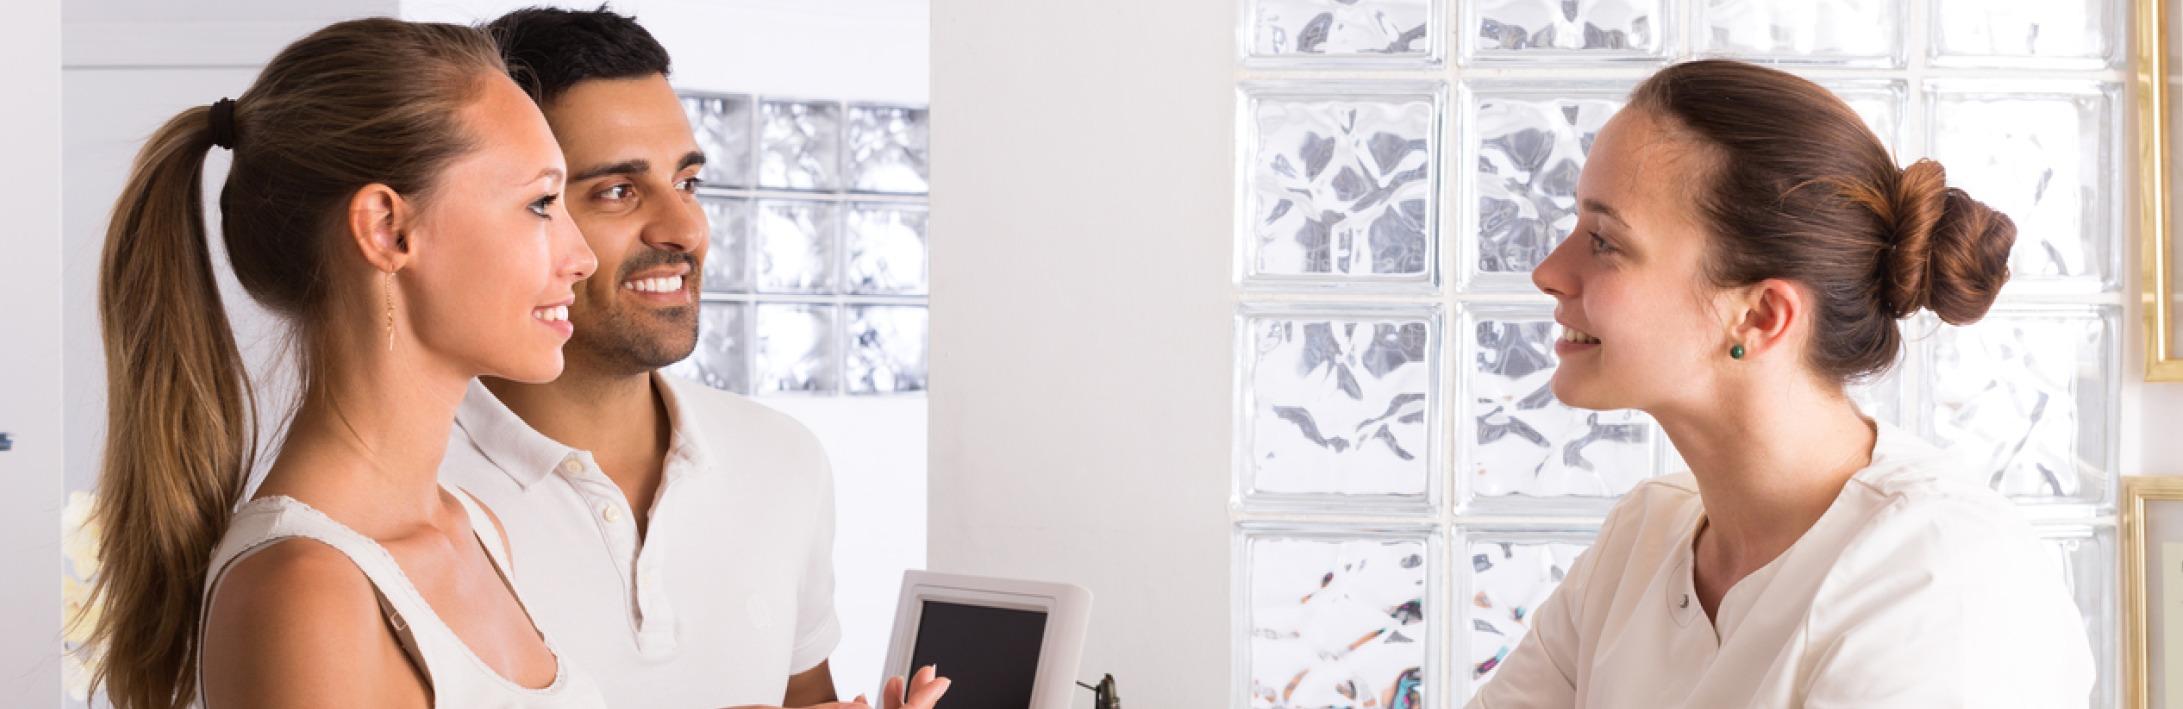 9 Dicas para contratar uma boa secretária